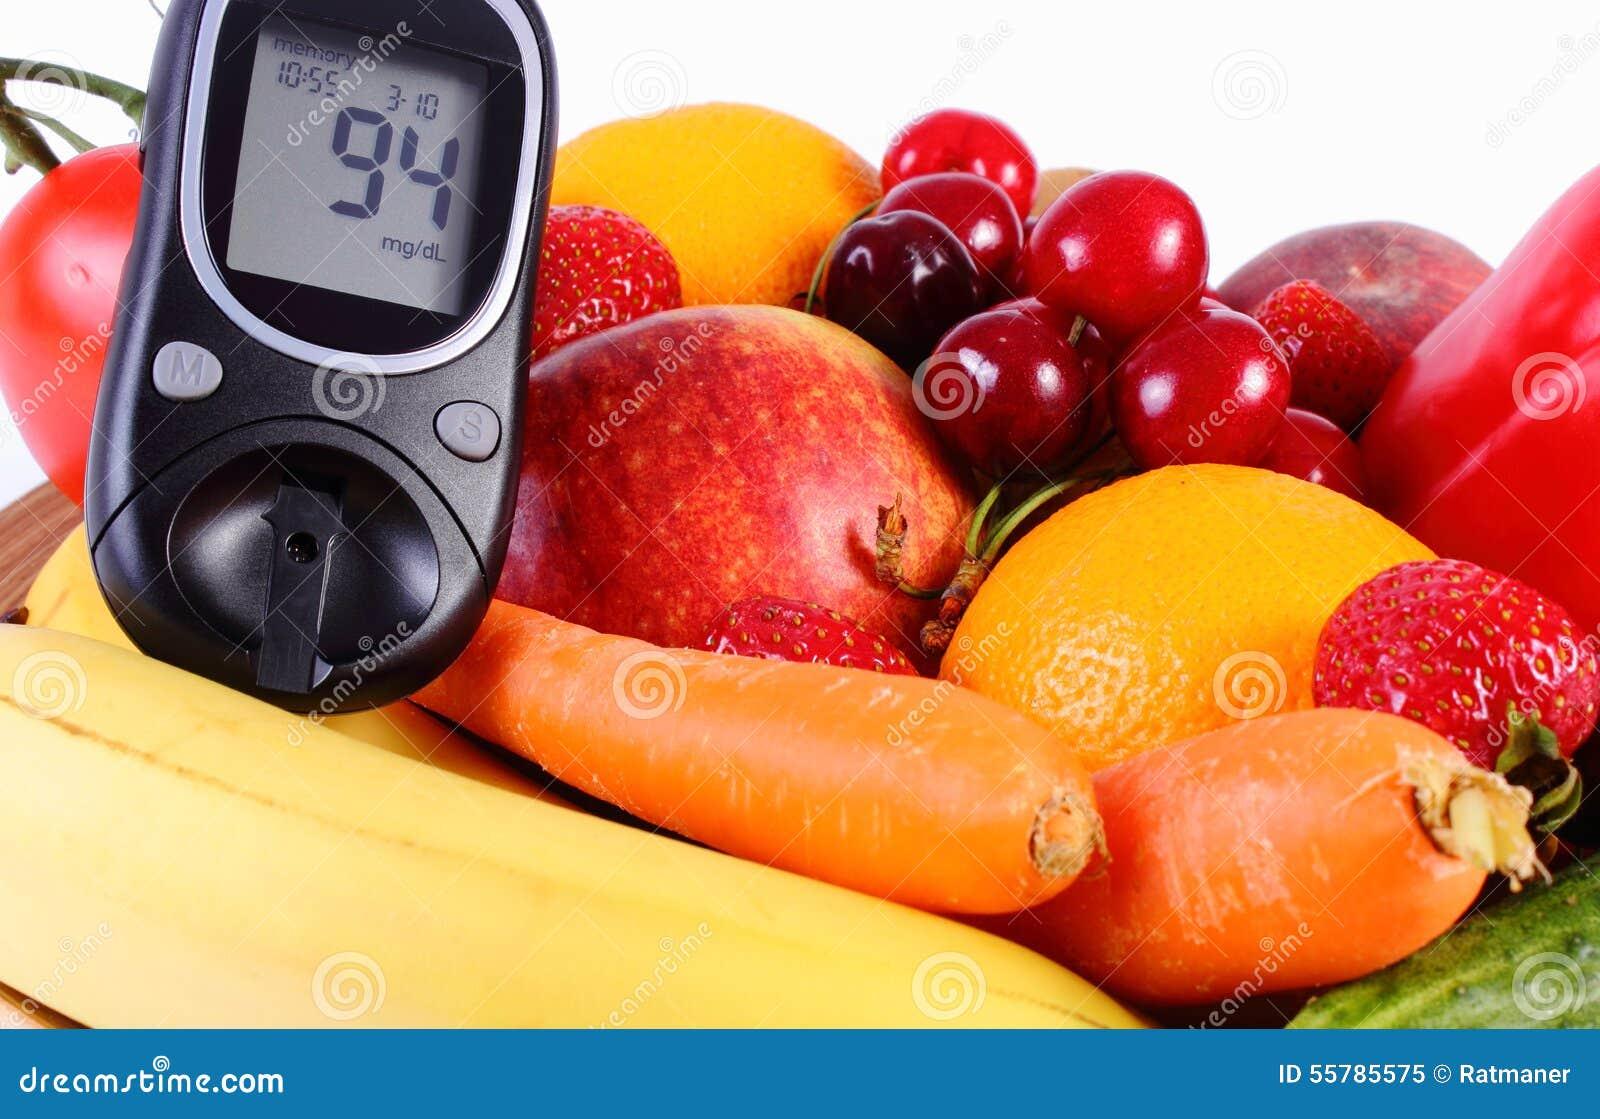 Metro Con Las Frutas Y Verduras, Nutrición Sana, Diabetes